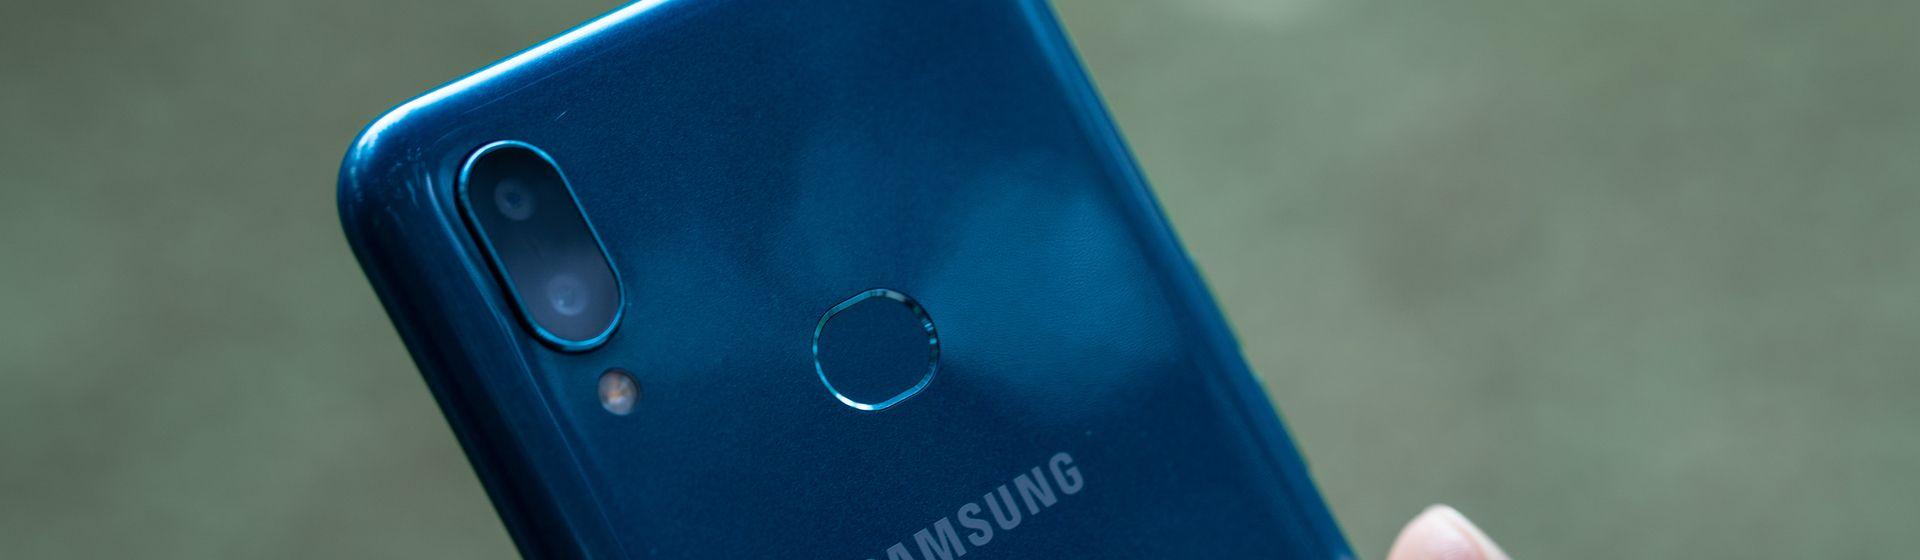 Galaxy A01 vs Galaxy A10s: descubra o que muda nos celulares Samsung